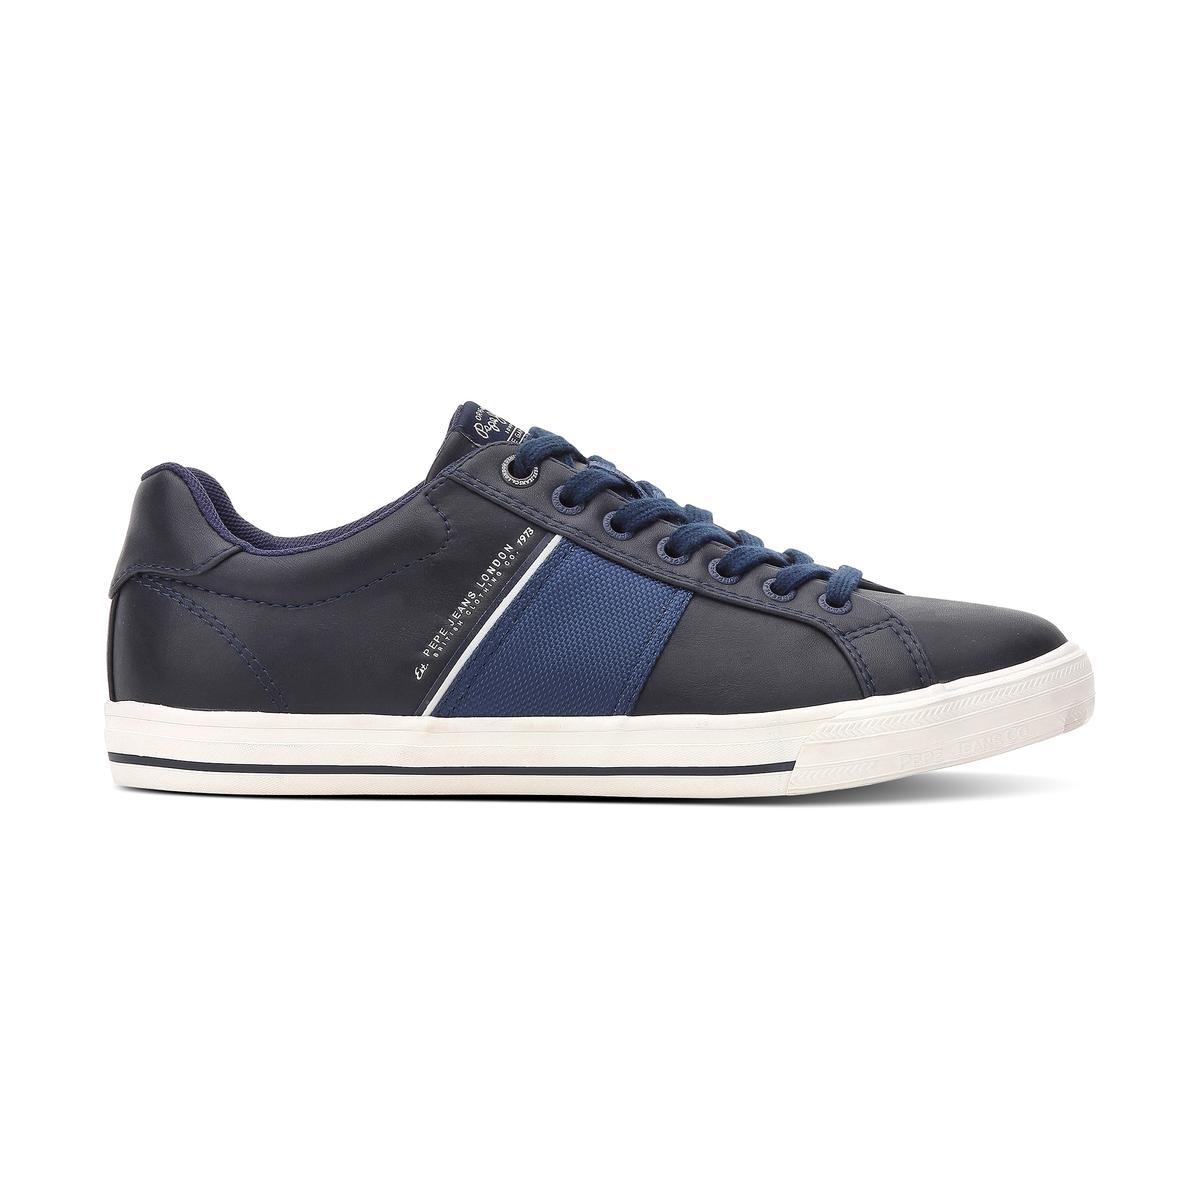 Кеды кожаные CoatПодкладка : ТекстильСтелька: Кожа   Подошва: Кожа    Форма каблука : Плоский каблук   Носок : КруглыйЗастежка : Шнуровка<br><br>Цвет: каштановый / синий,темно-синий/ синий<br>Размер: 43